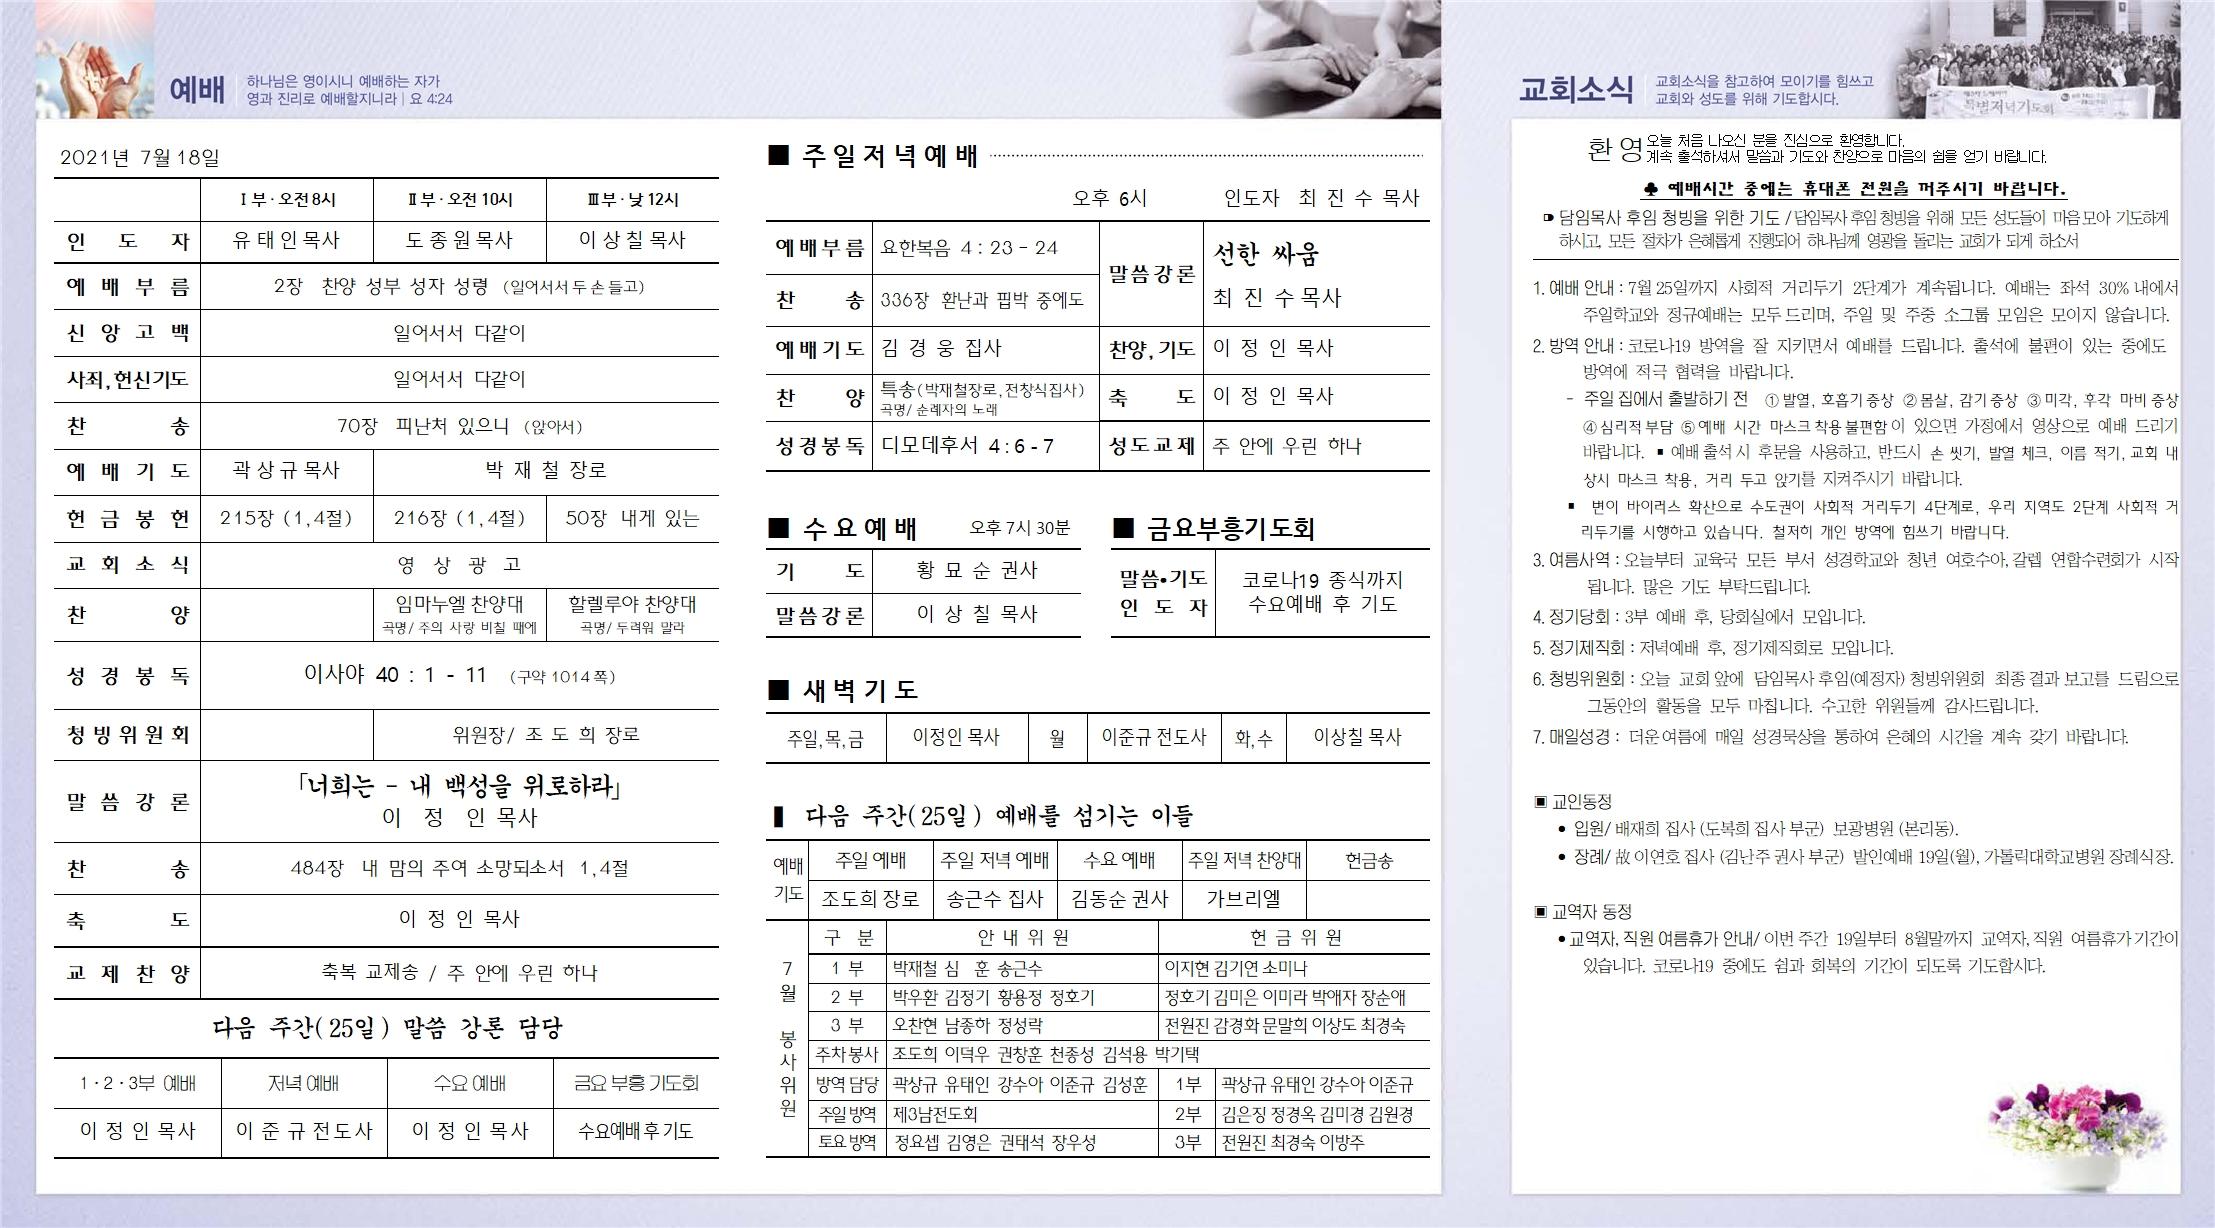 삼성교회주보20210718-30%대면예배(1),여름사역(1),정기제직회002.jpg